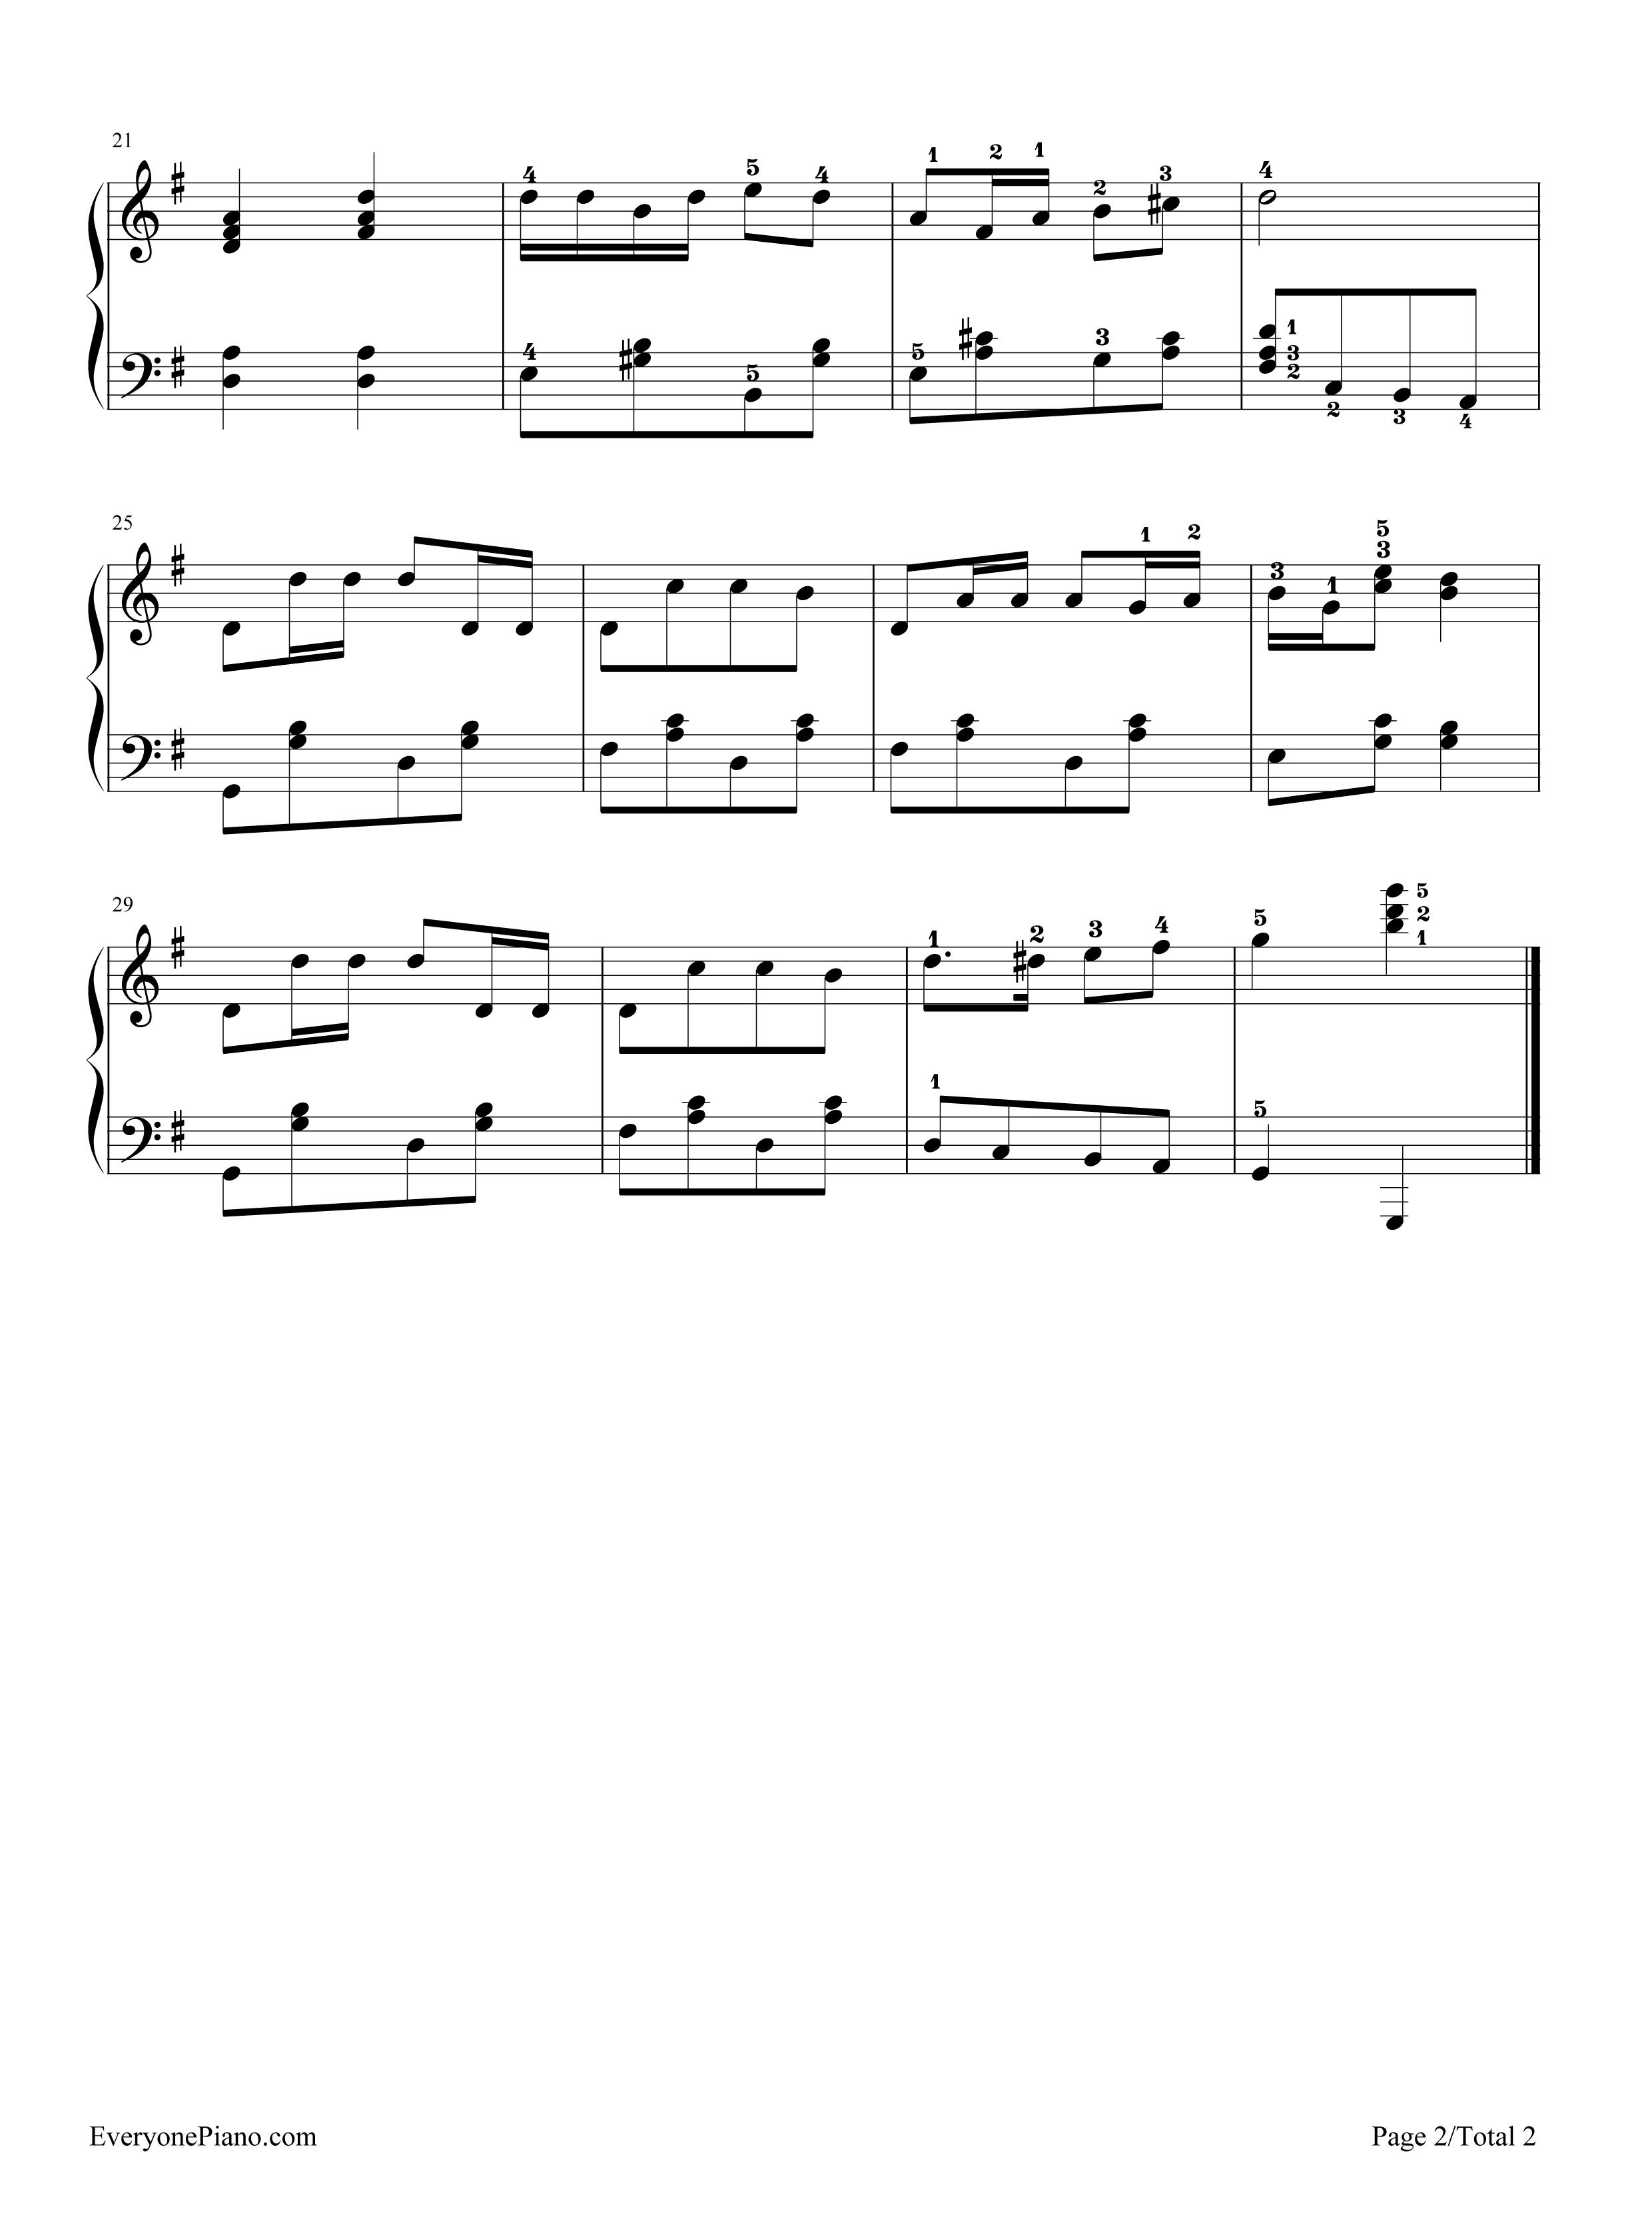 网站首页 钢琴曲谱 轻音乐 孤独的牧羊人 >> 孤独的牧羊人五线谱预览2